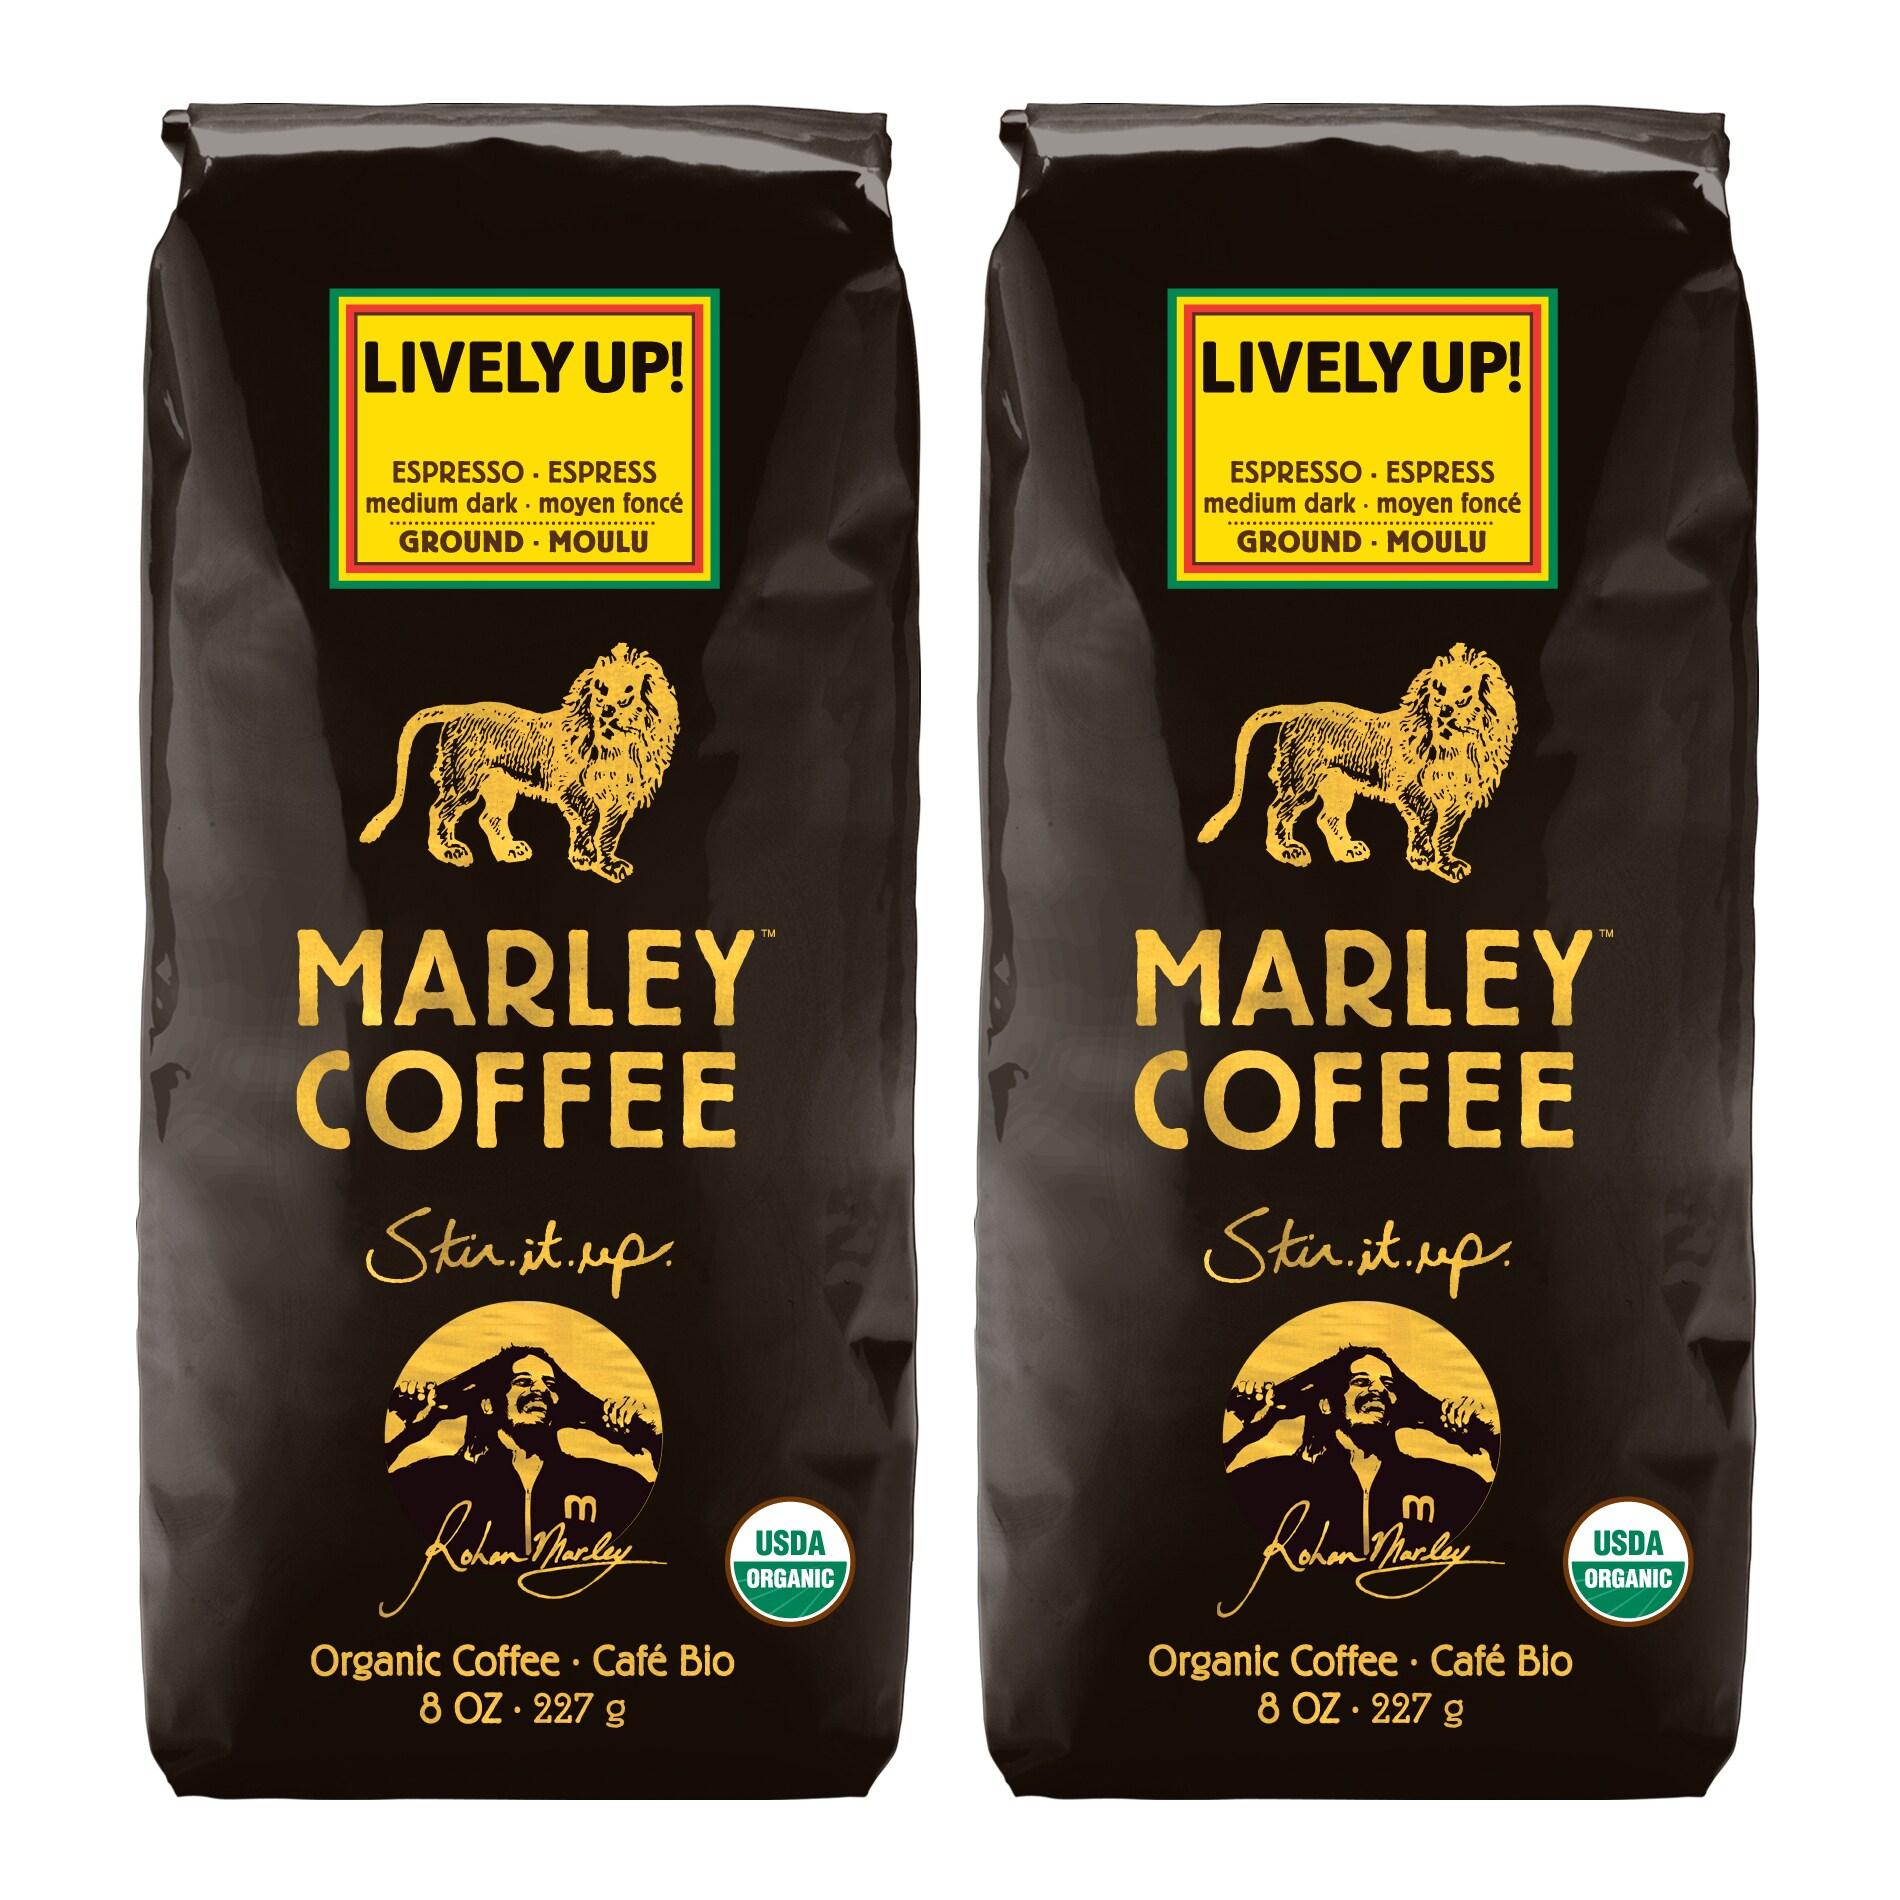 Marley Coffee Lively Up Espresso Ground Coffee (1 Pound)